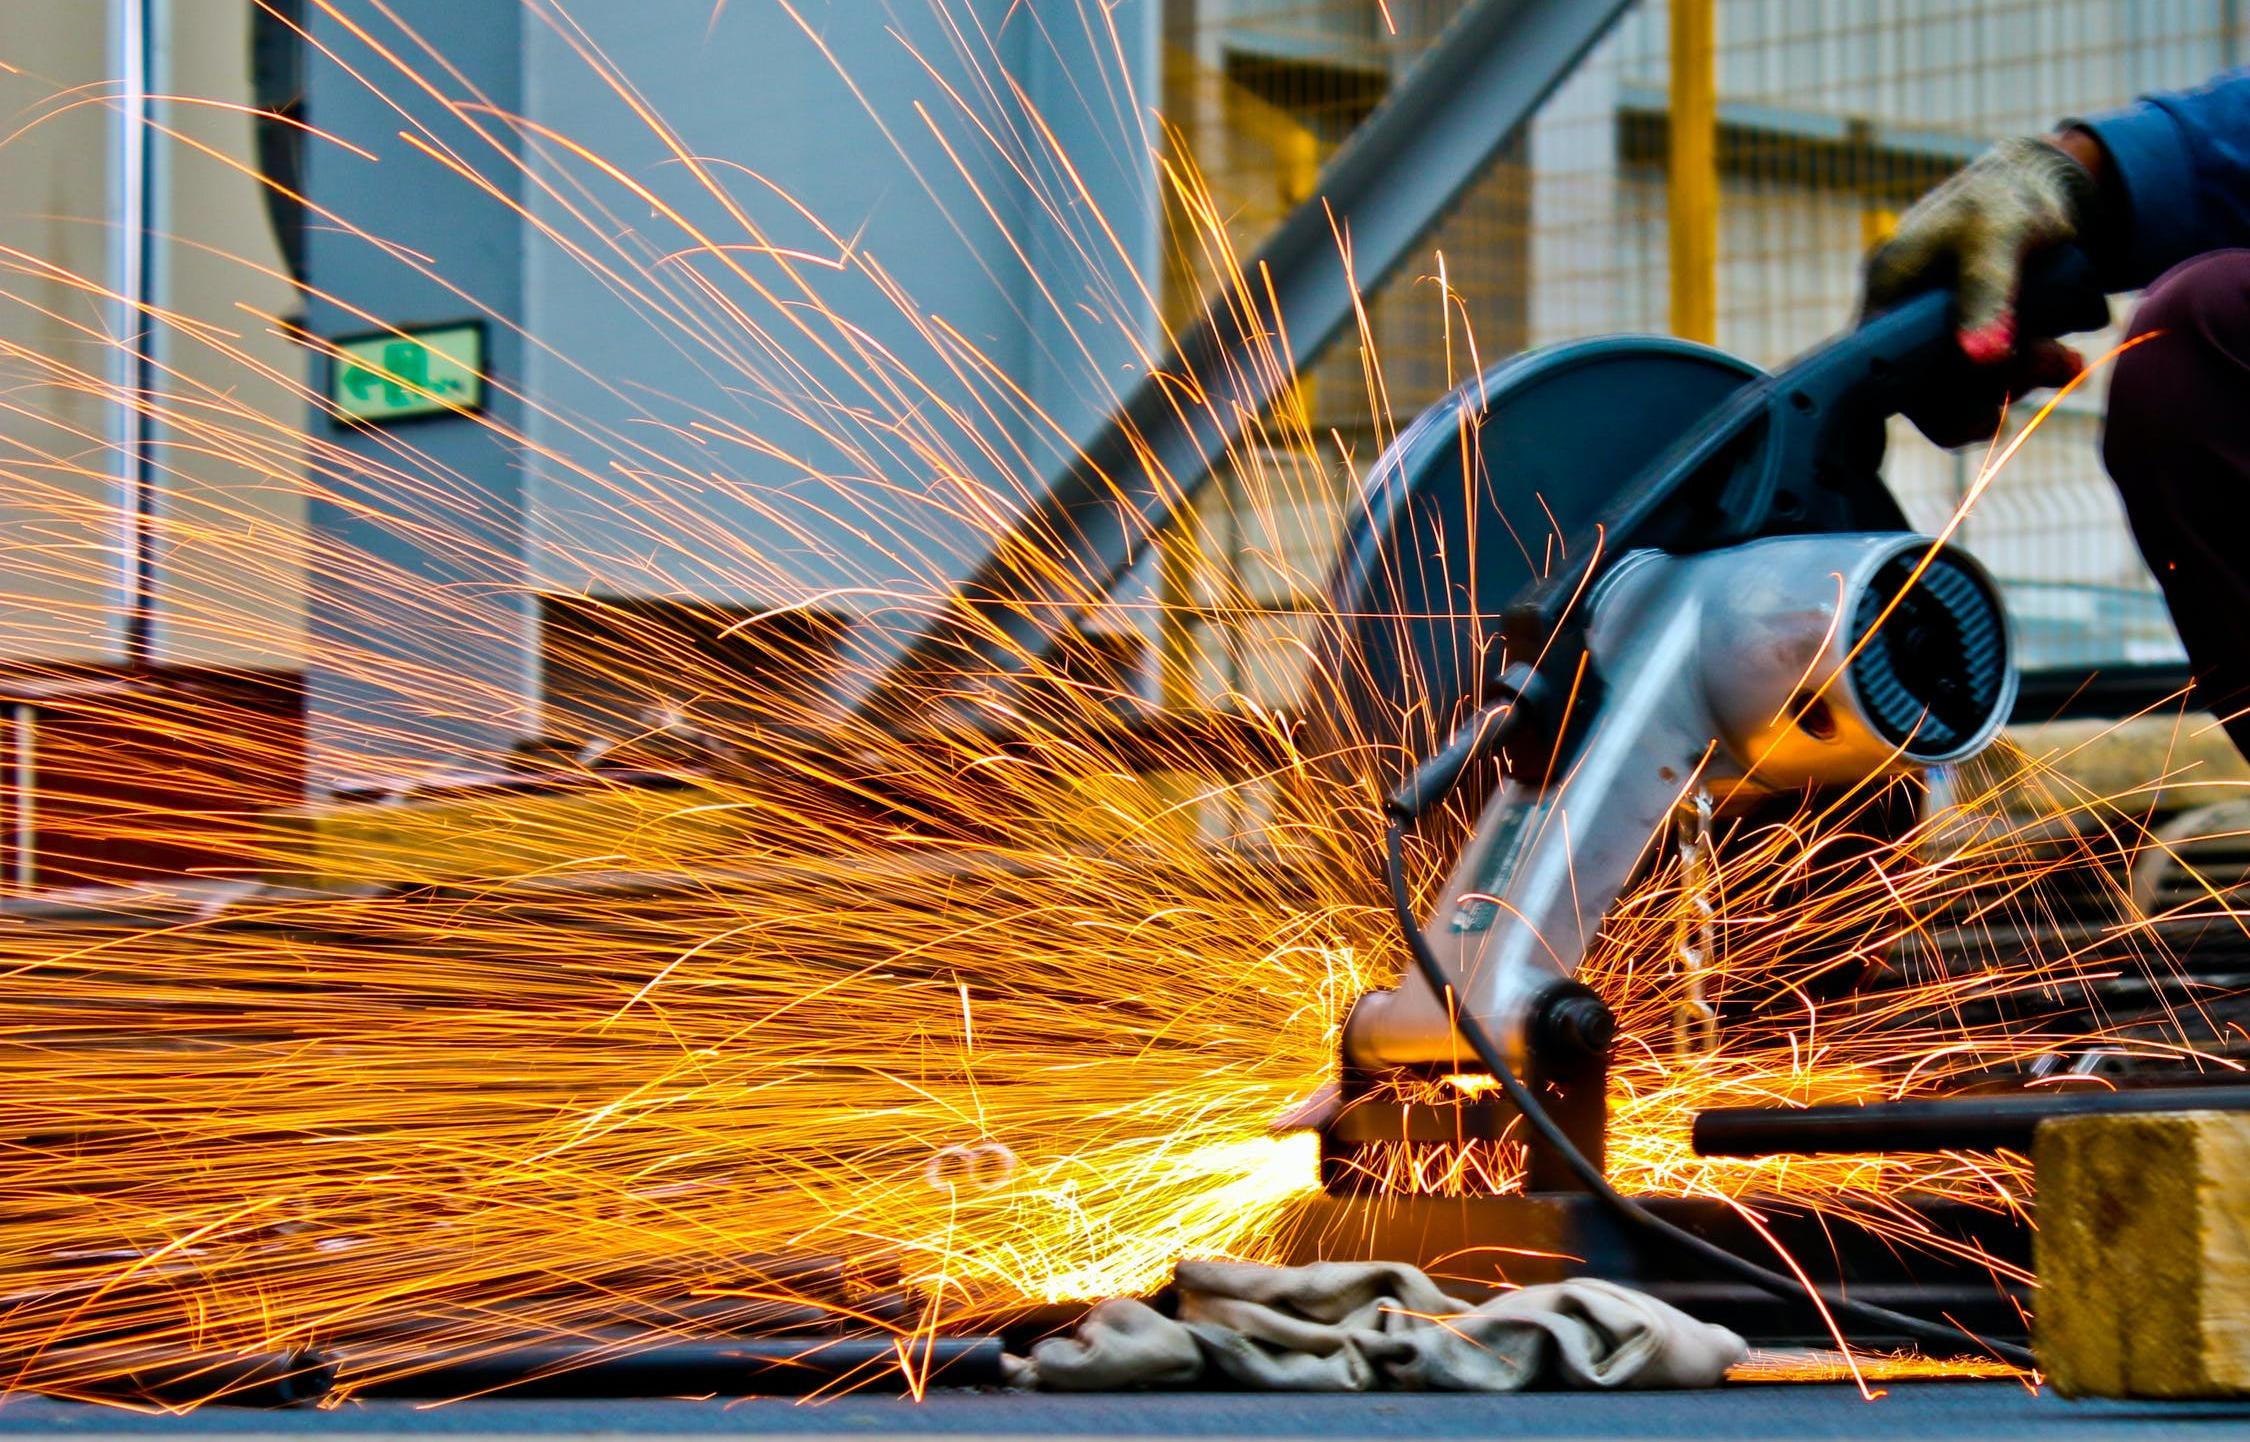 Ученые ТвГТУ представили доклад на международной конференции по металлургическим технологиям - новости Афанасий